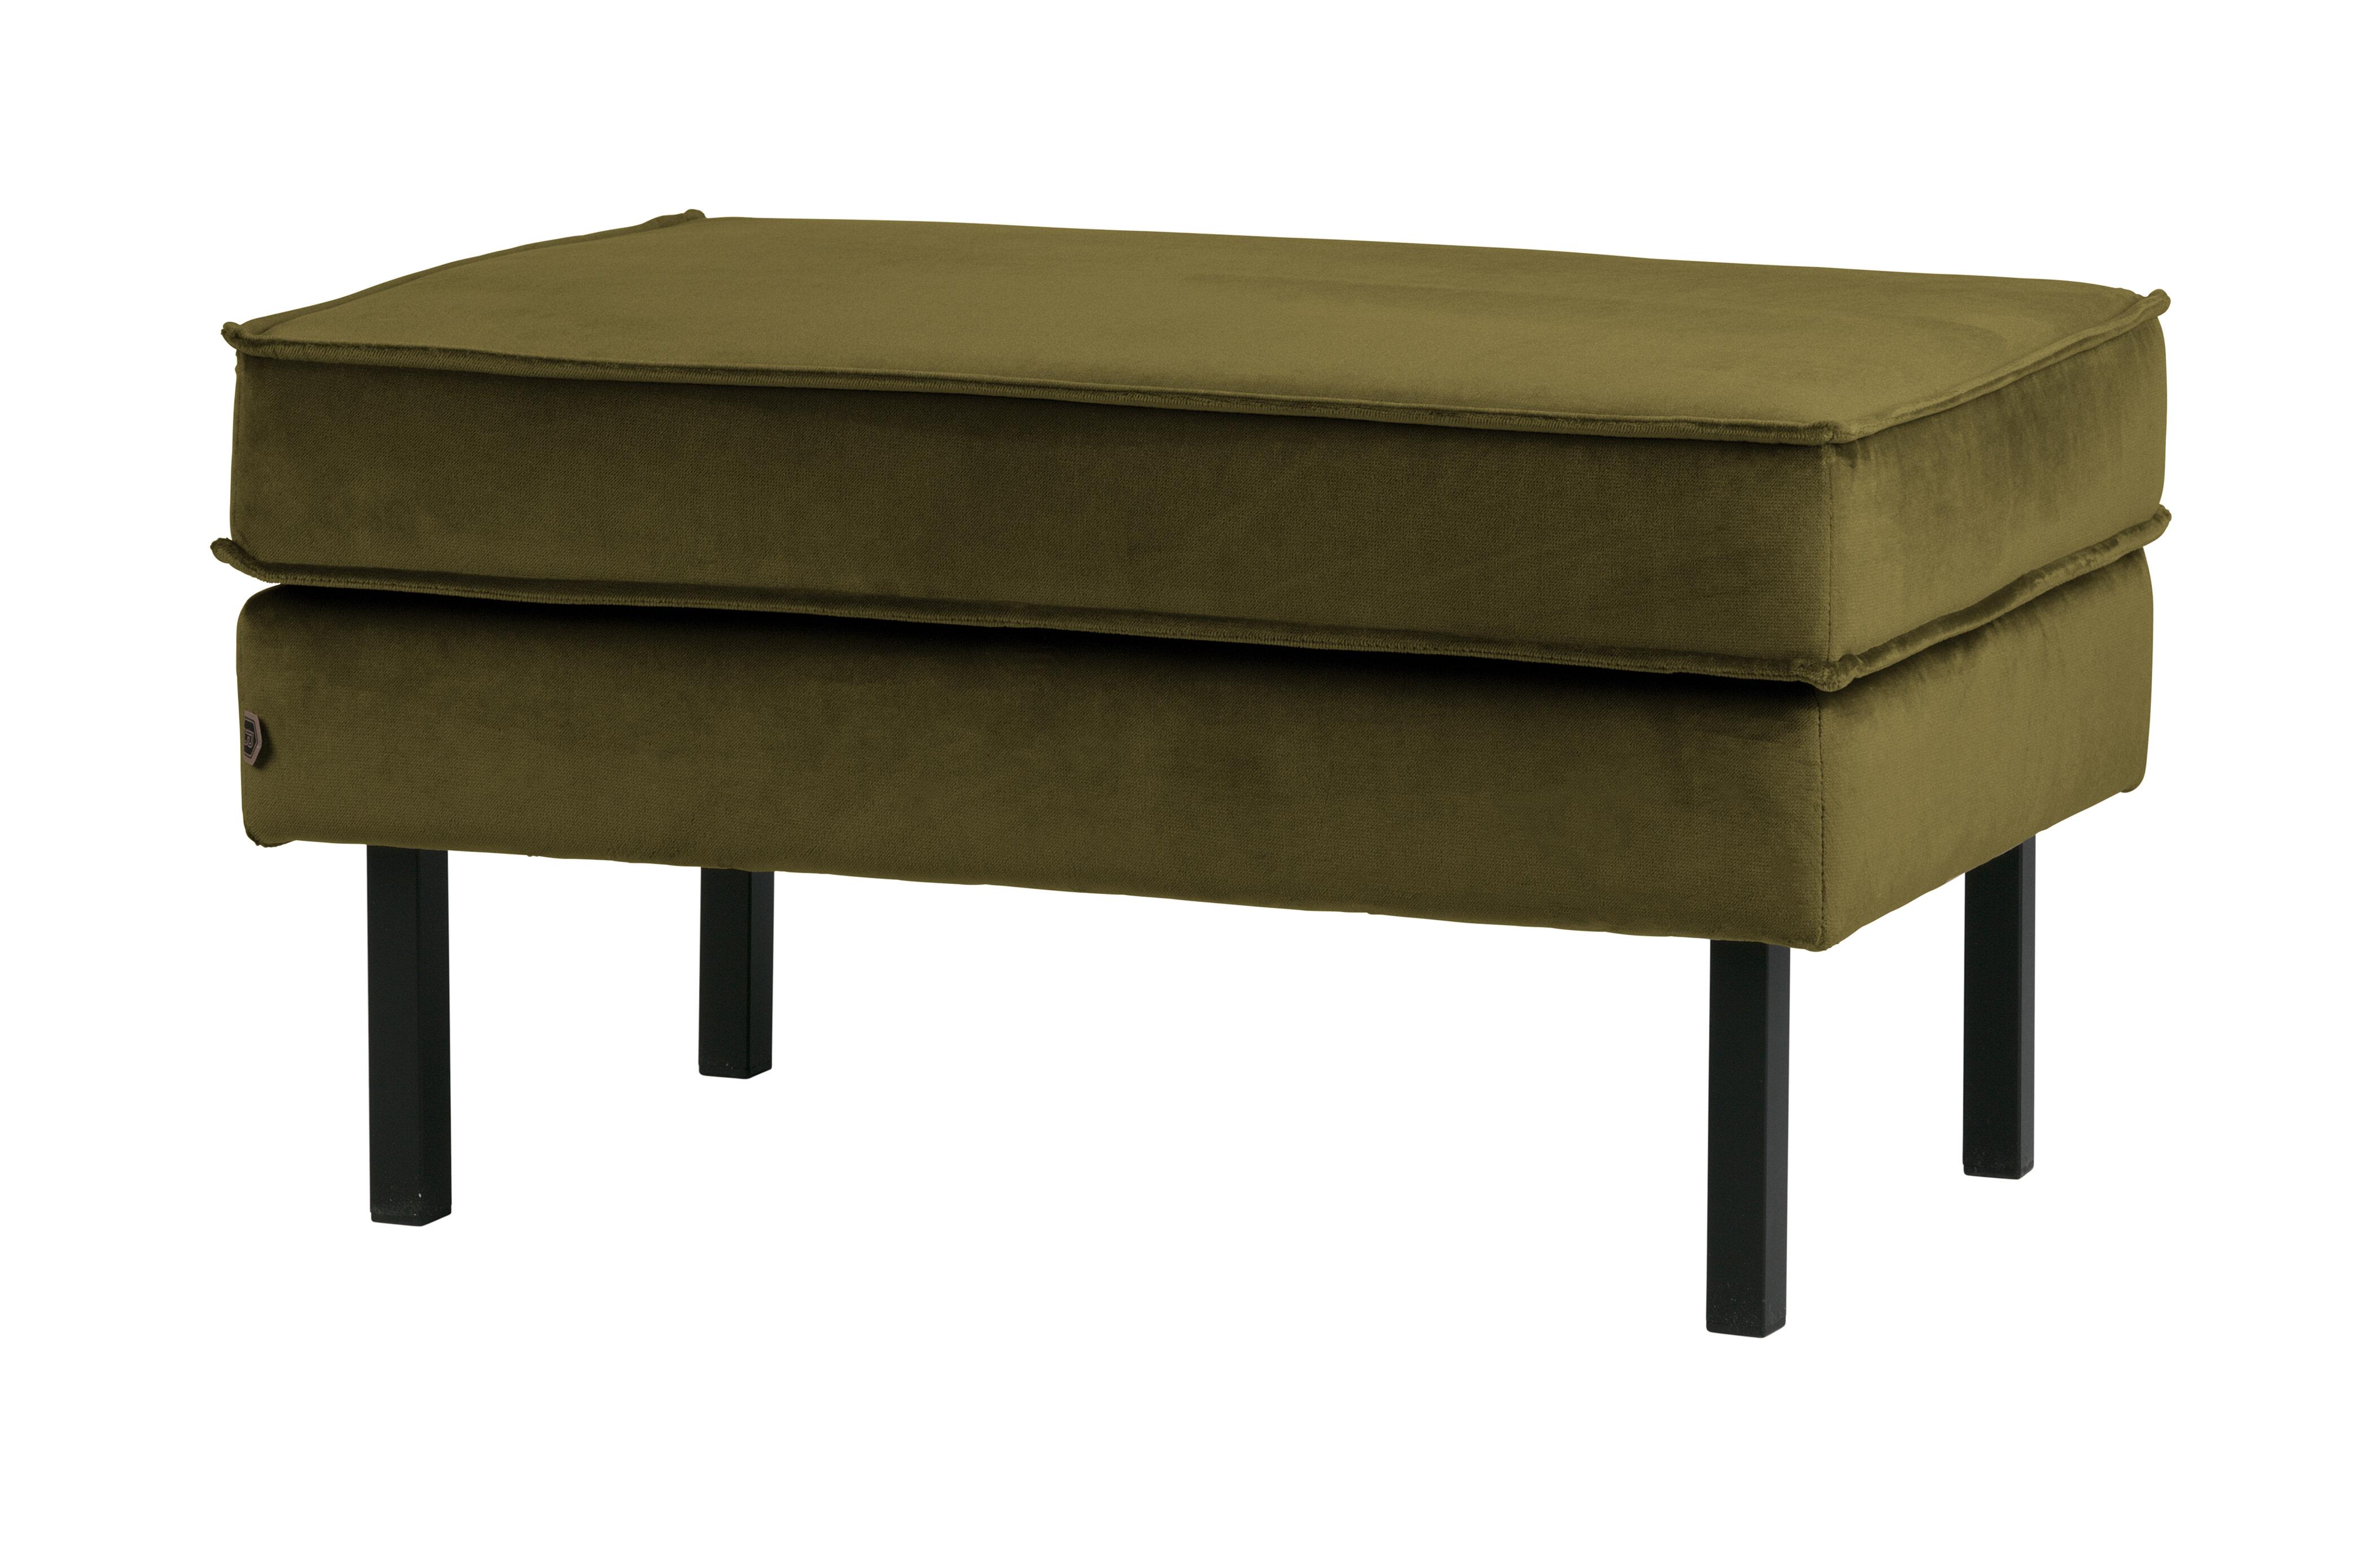 BePureHome Hocker 'Rodeo' Velvet, kleur Olijfgroen Velvet (velours-textiel) 100% polyester aanschaffen? Kijk hier!